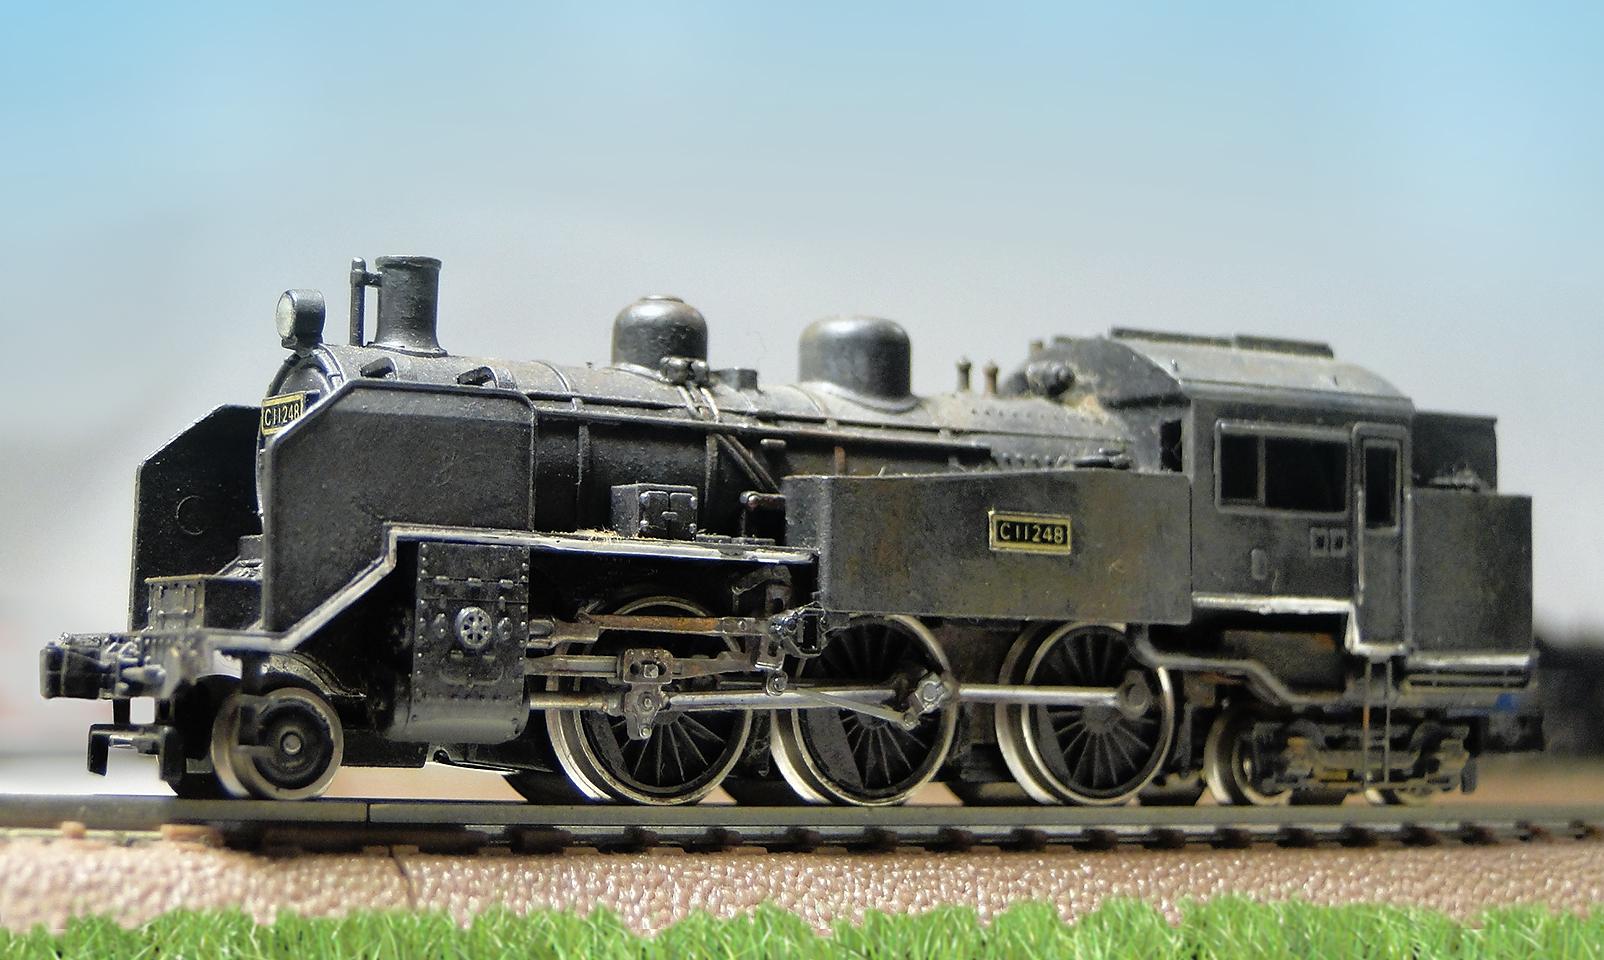 http://moritetsu.info/model-railway/img/DSC06279sssss.jpg